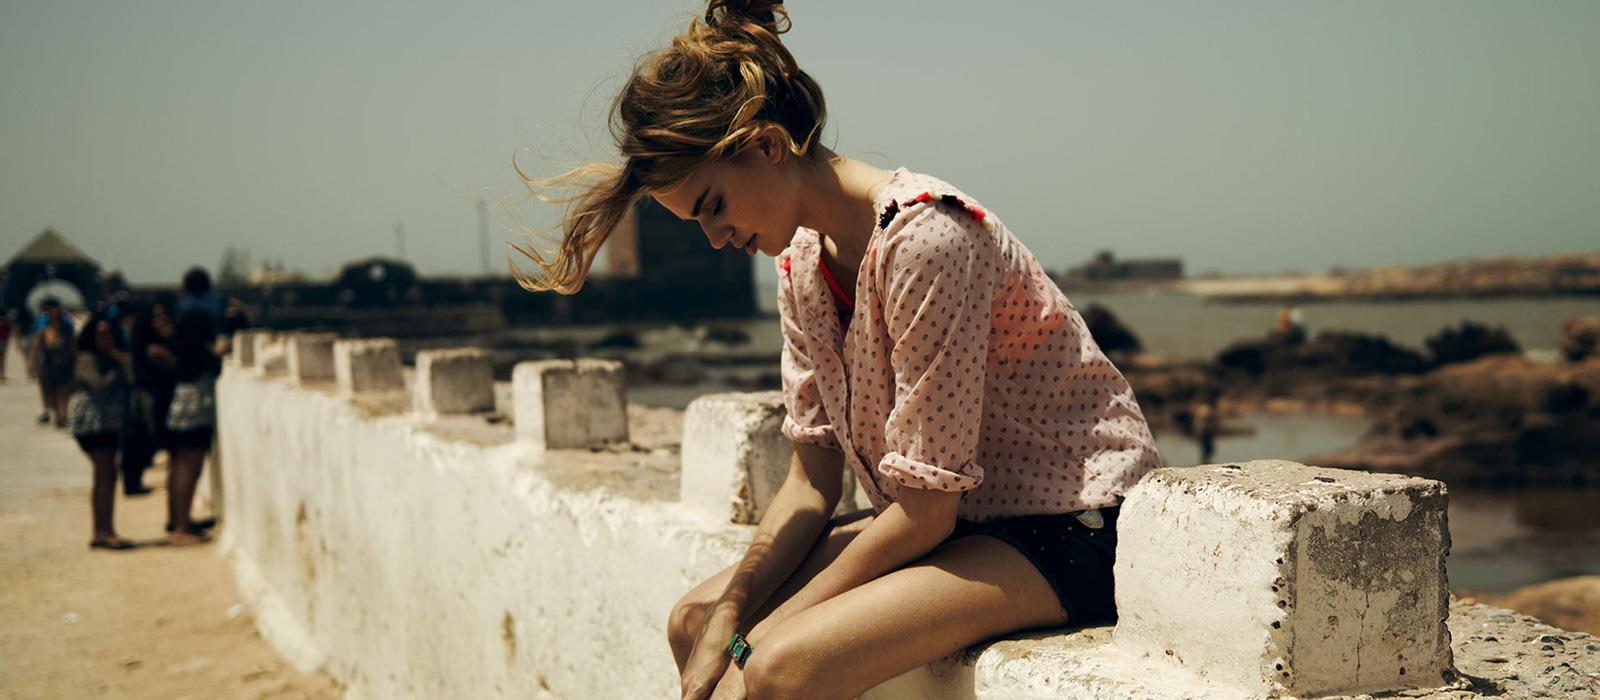 fashion boutique london website